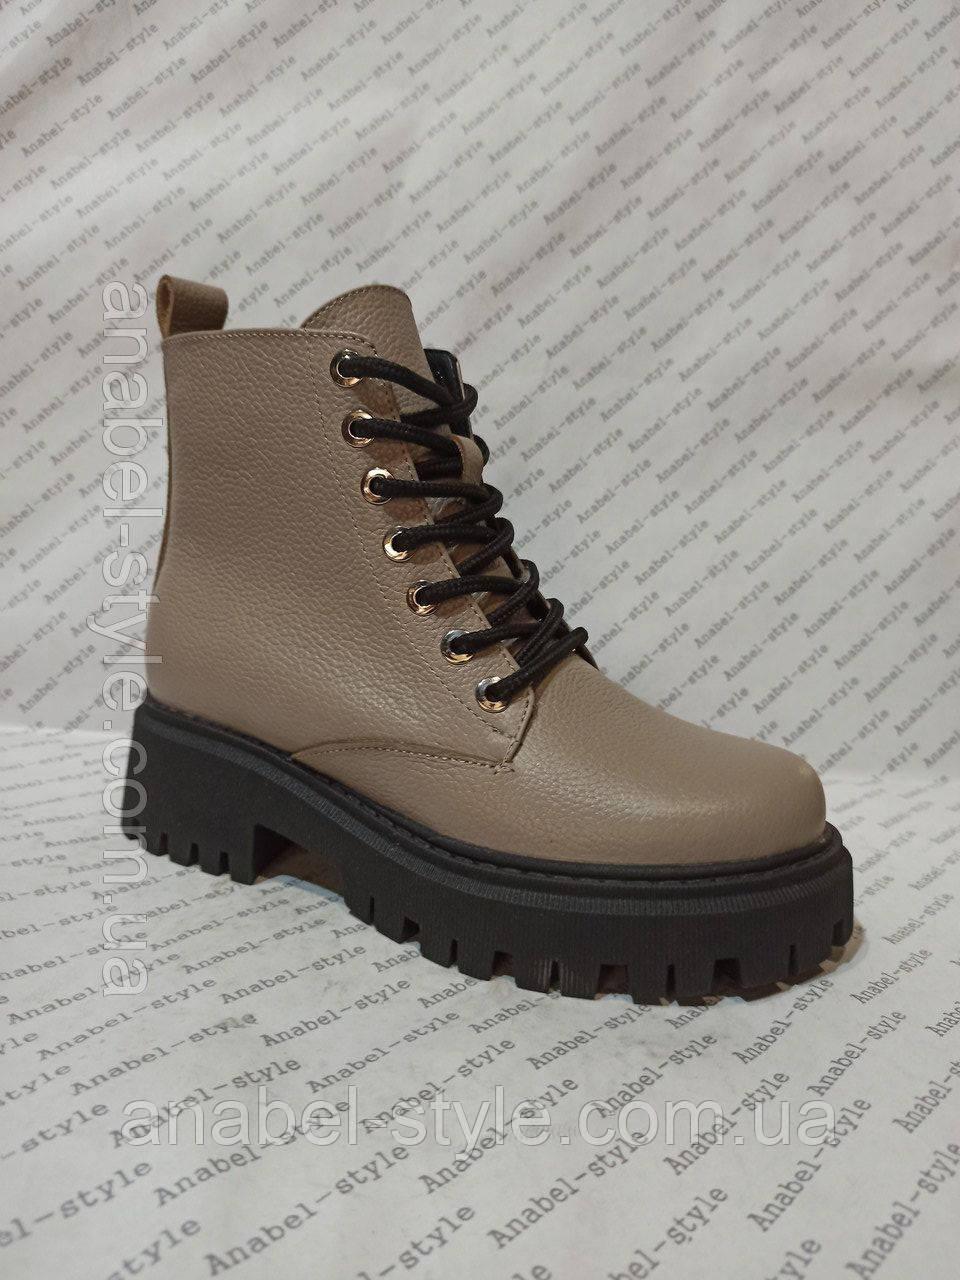 Ботинок зимний натуральная кожа и натуральный мех (шерсть